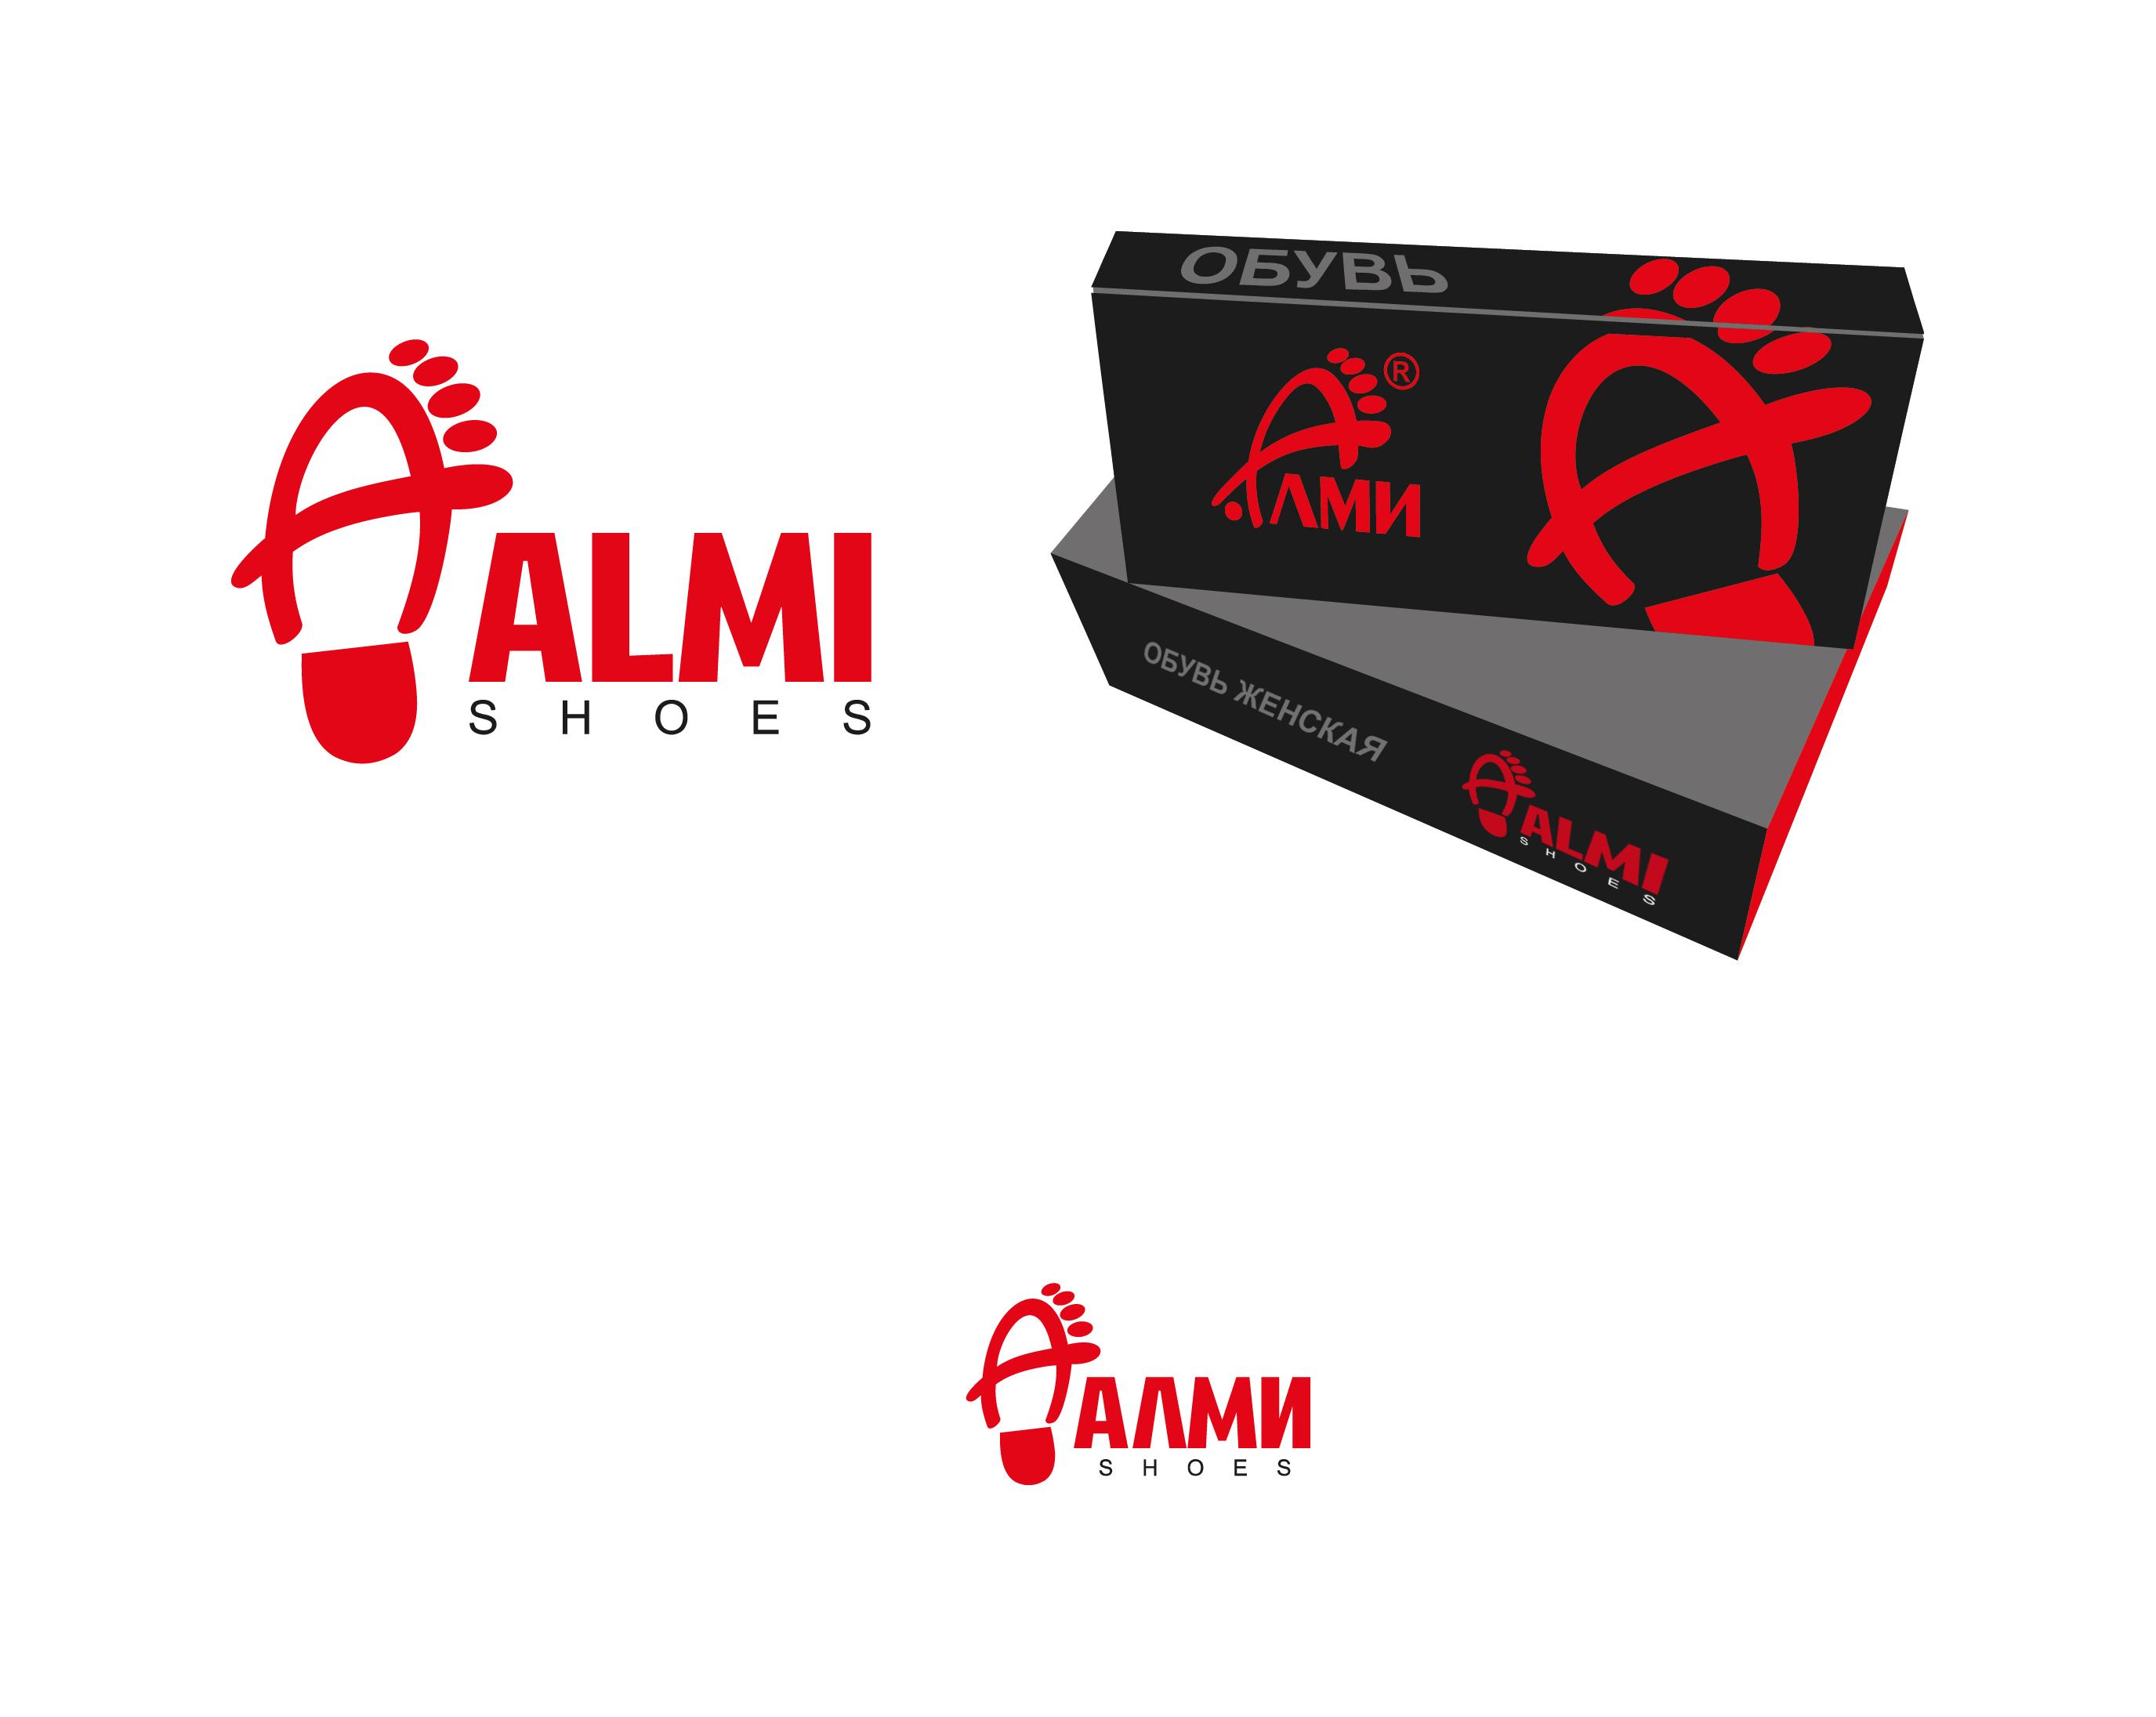 Дизайн логотипа обувной марки Алми фото f_99559f819f90f1e3.jpg